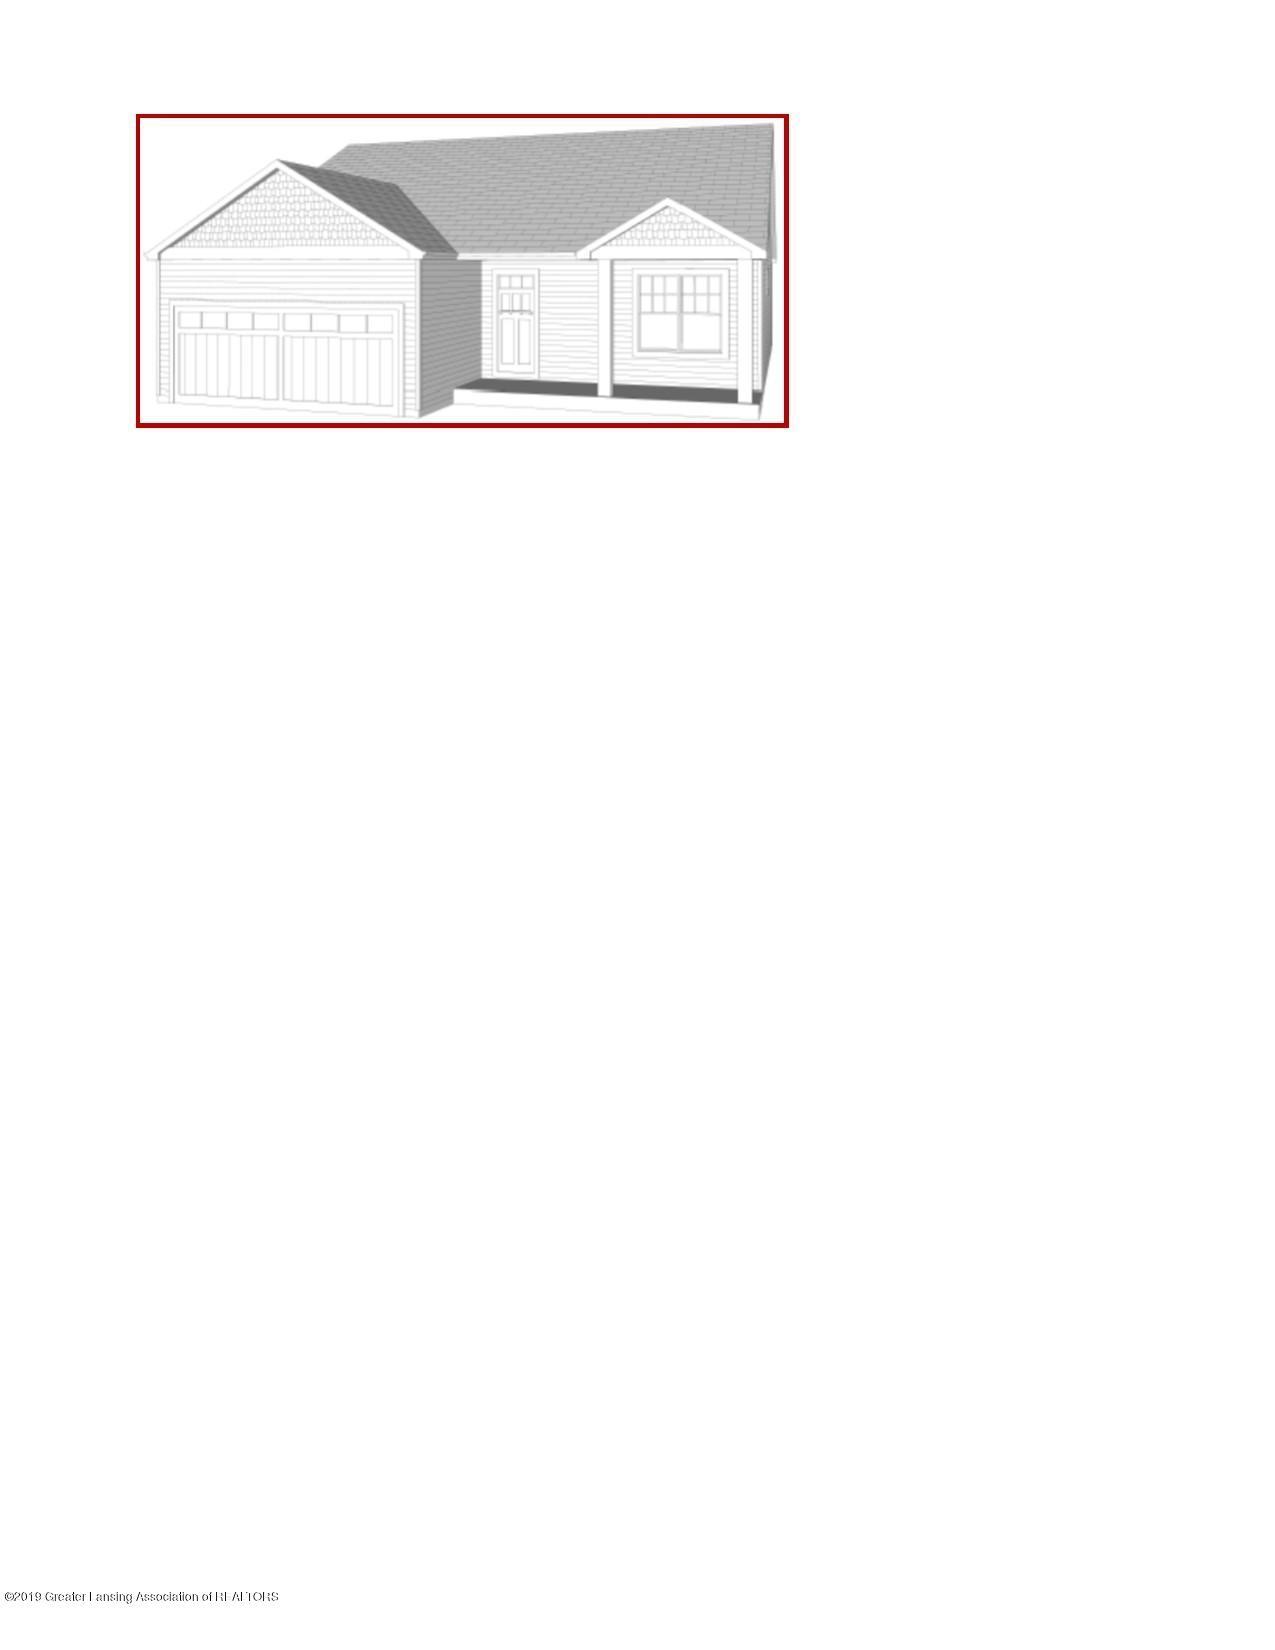 2820 Oak St - JEB House - 1